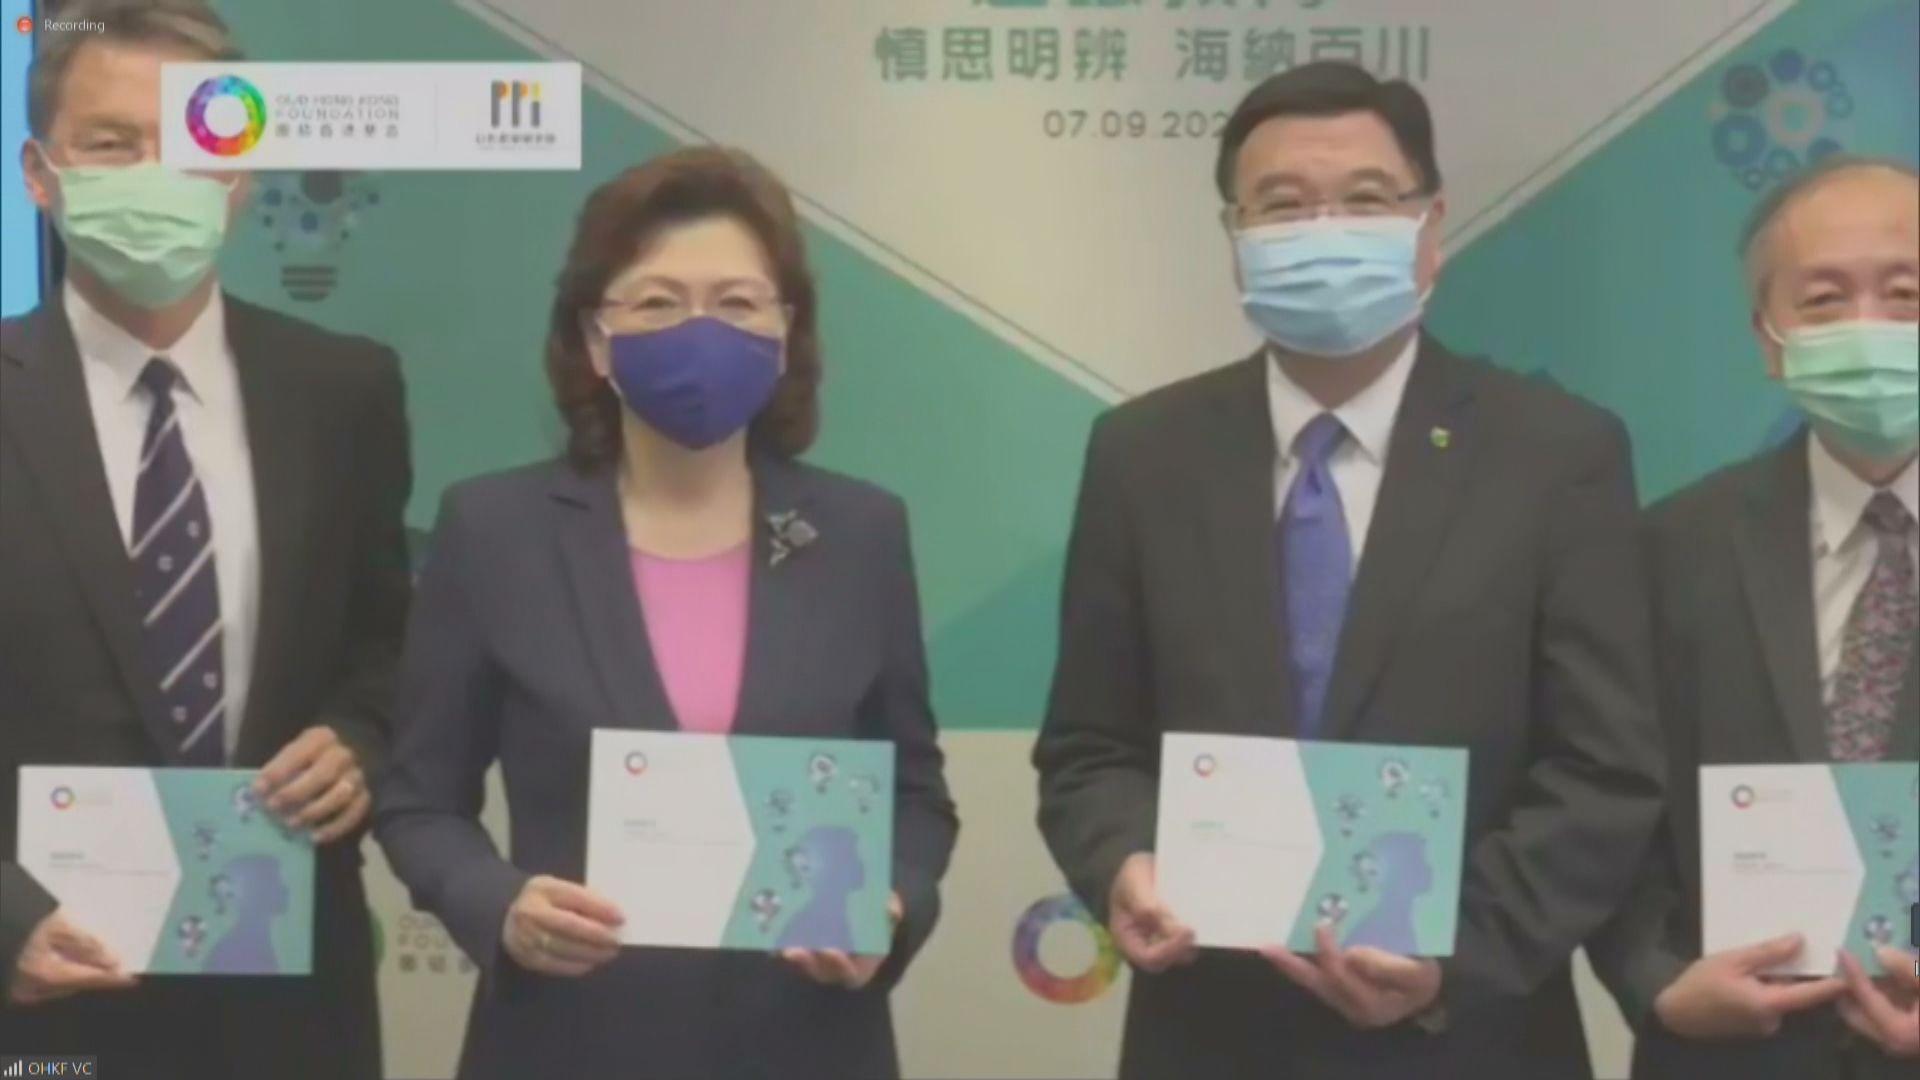 團結香港基金報告稱通識科教材無監管 須公布審核準則